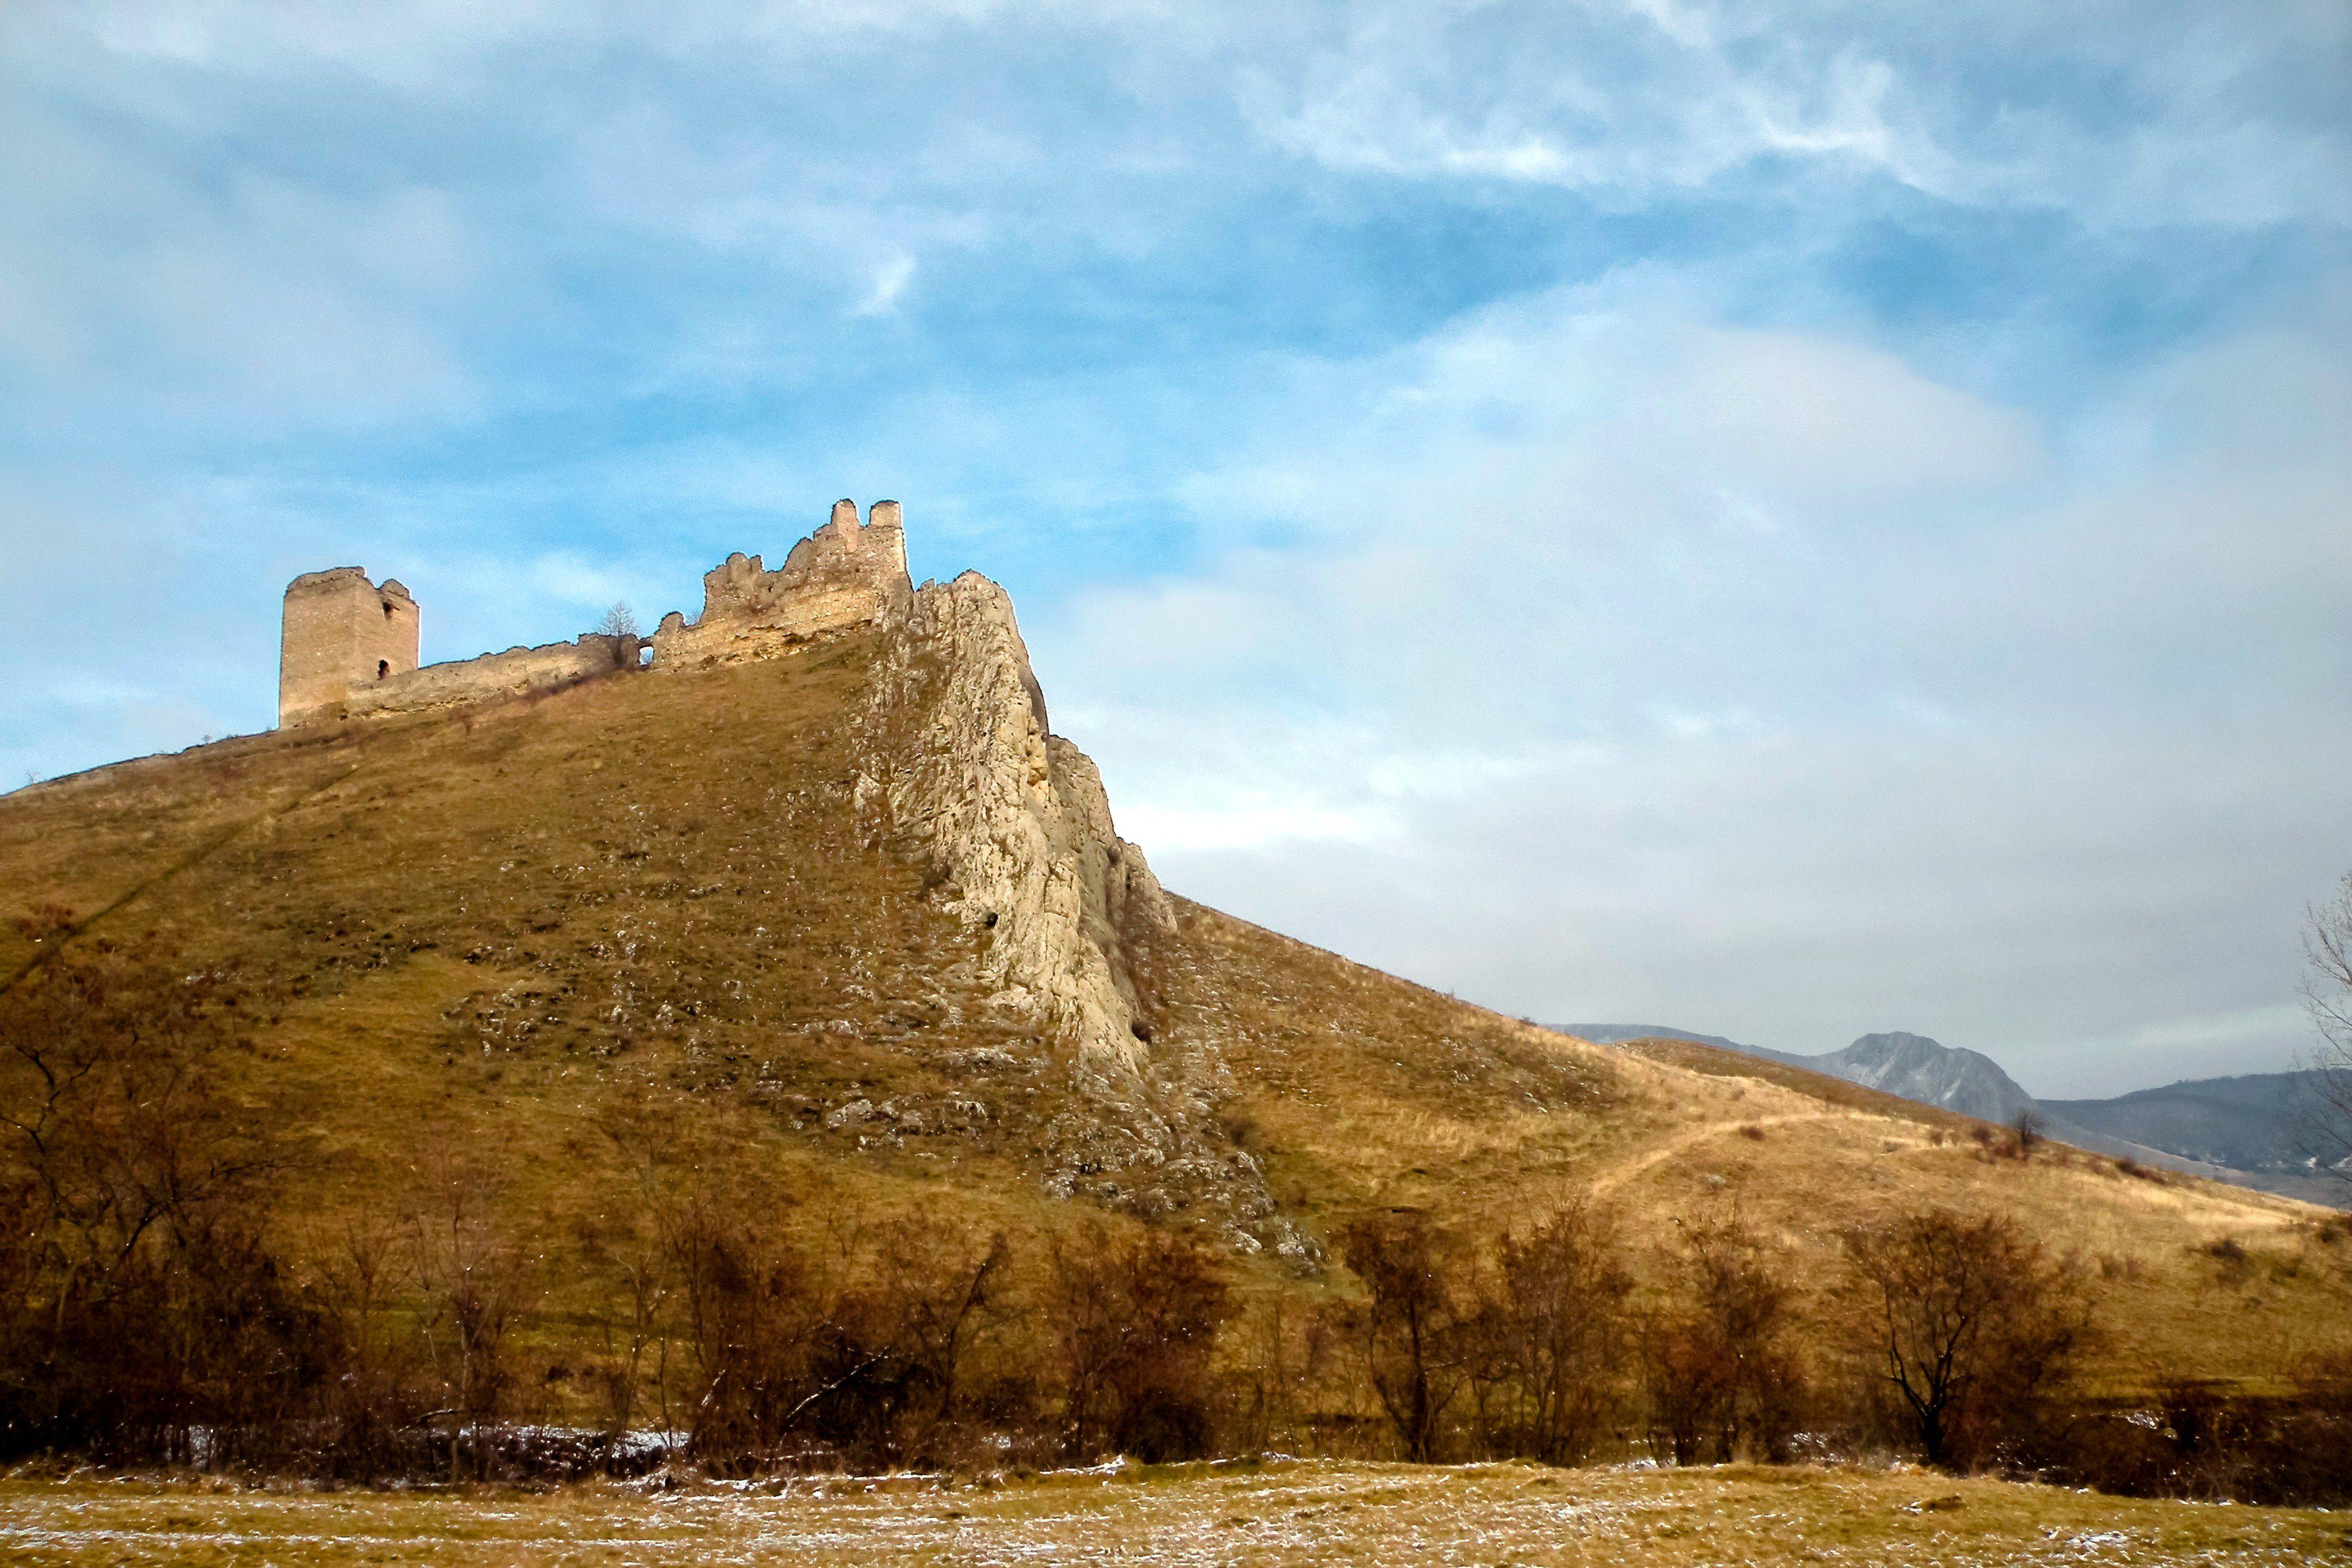 Cetatea nobiliara Coltesti: La noble fortaleza de Coltesti, Rumania